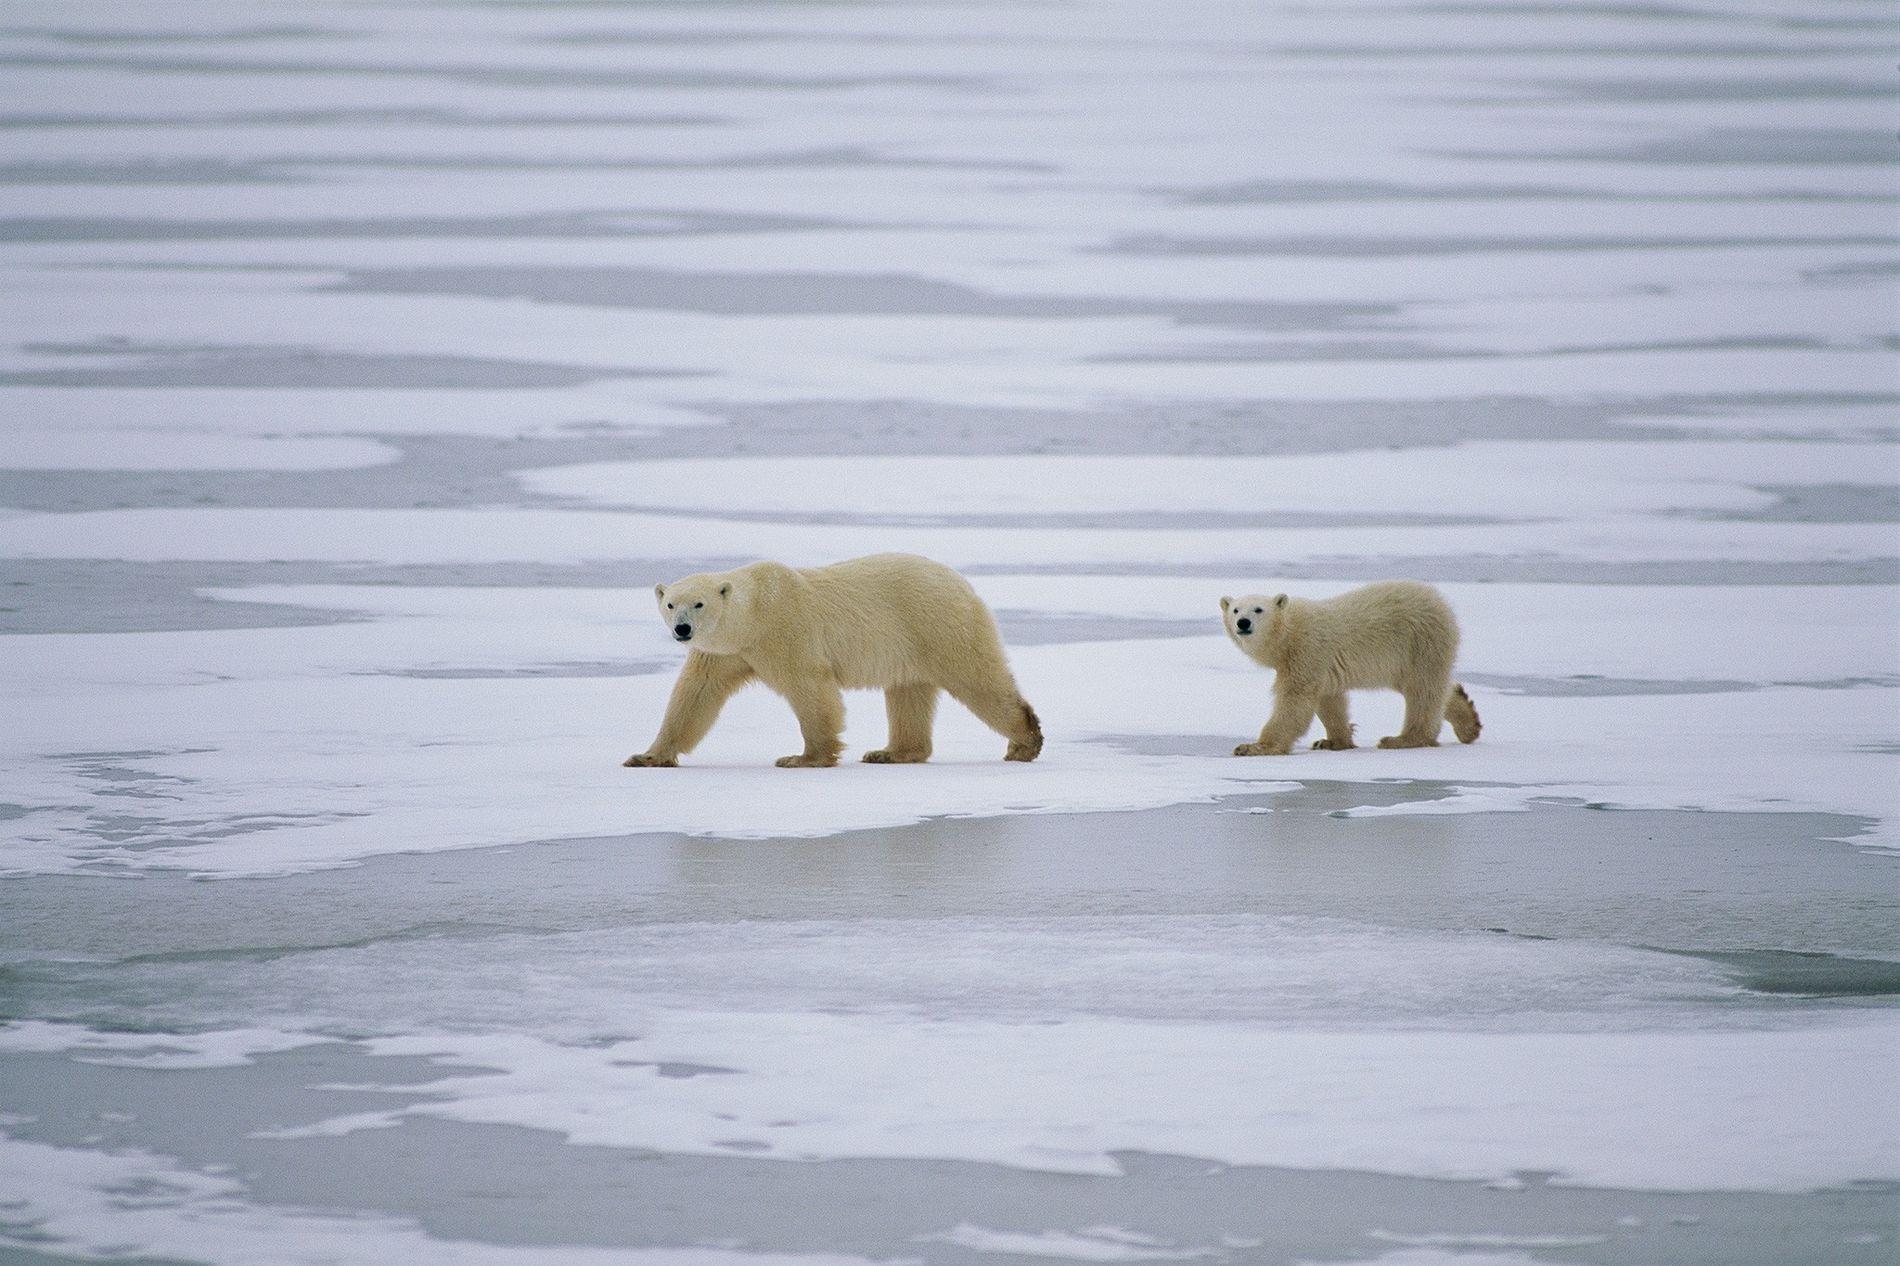 Une mère ours polaire et son ourson traversent la mer de glace à Nunavut, au Canada.